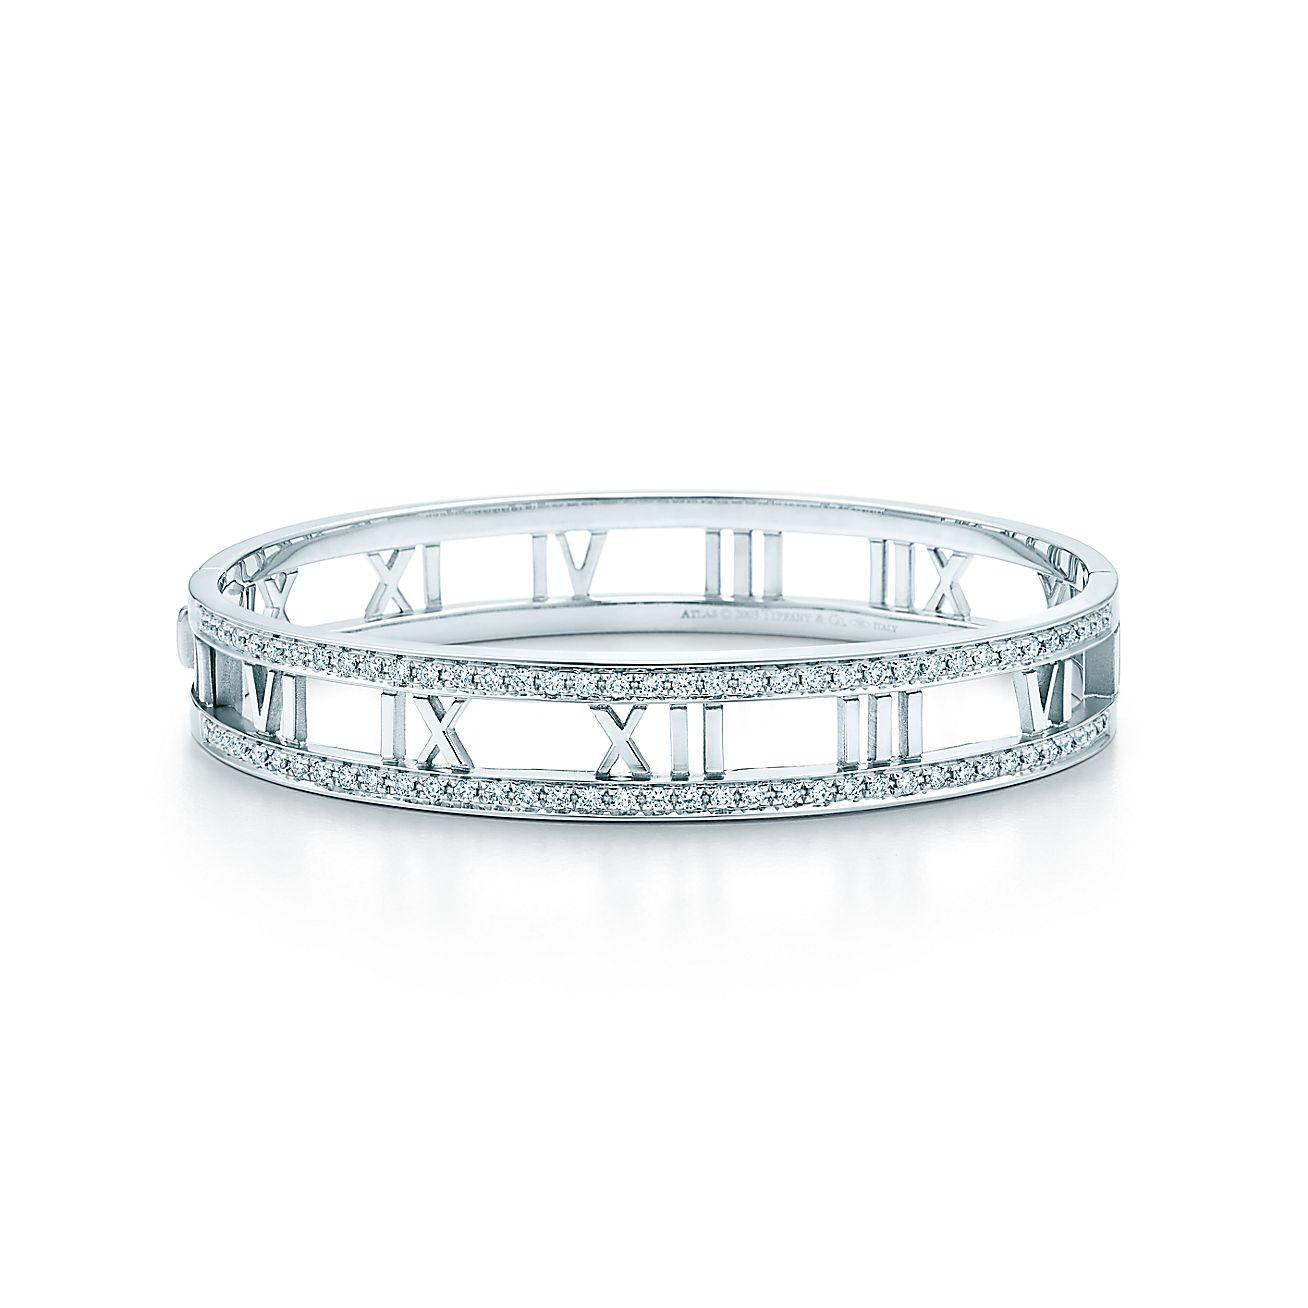 Atlas®™ Armreif aus 18 kt. Weißgold mit Diamanten.  Tiffany & Co.